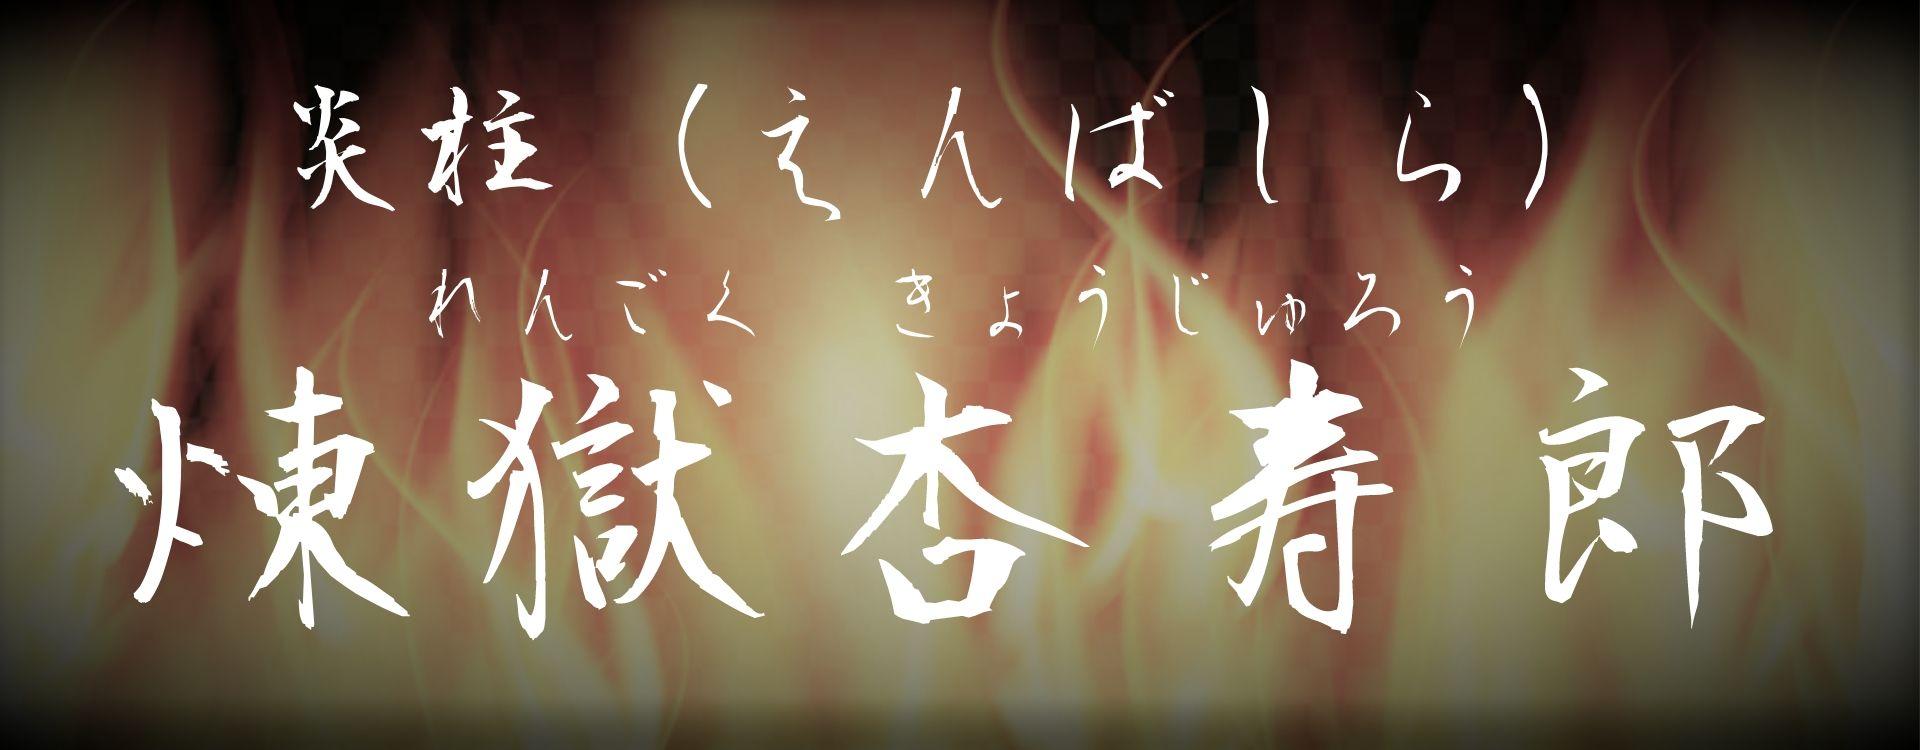 炎柱 煉獄杏寿郎